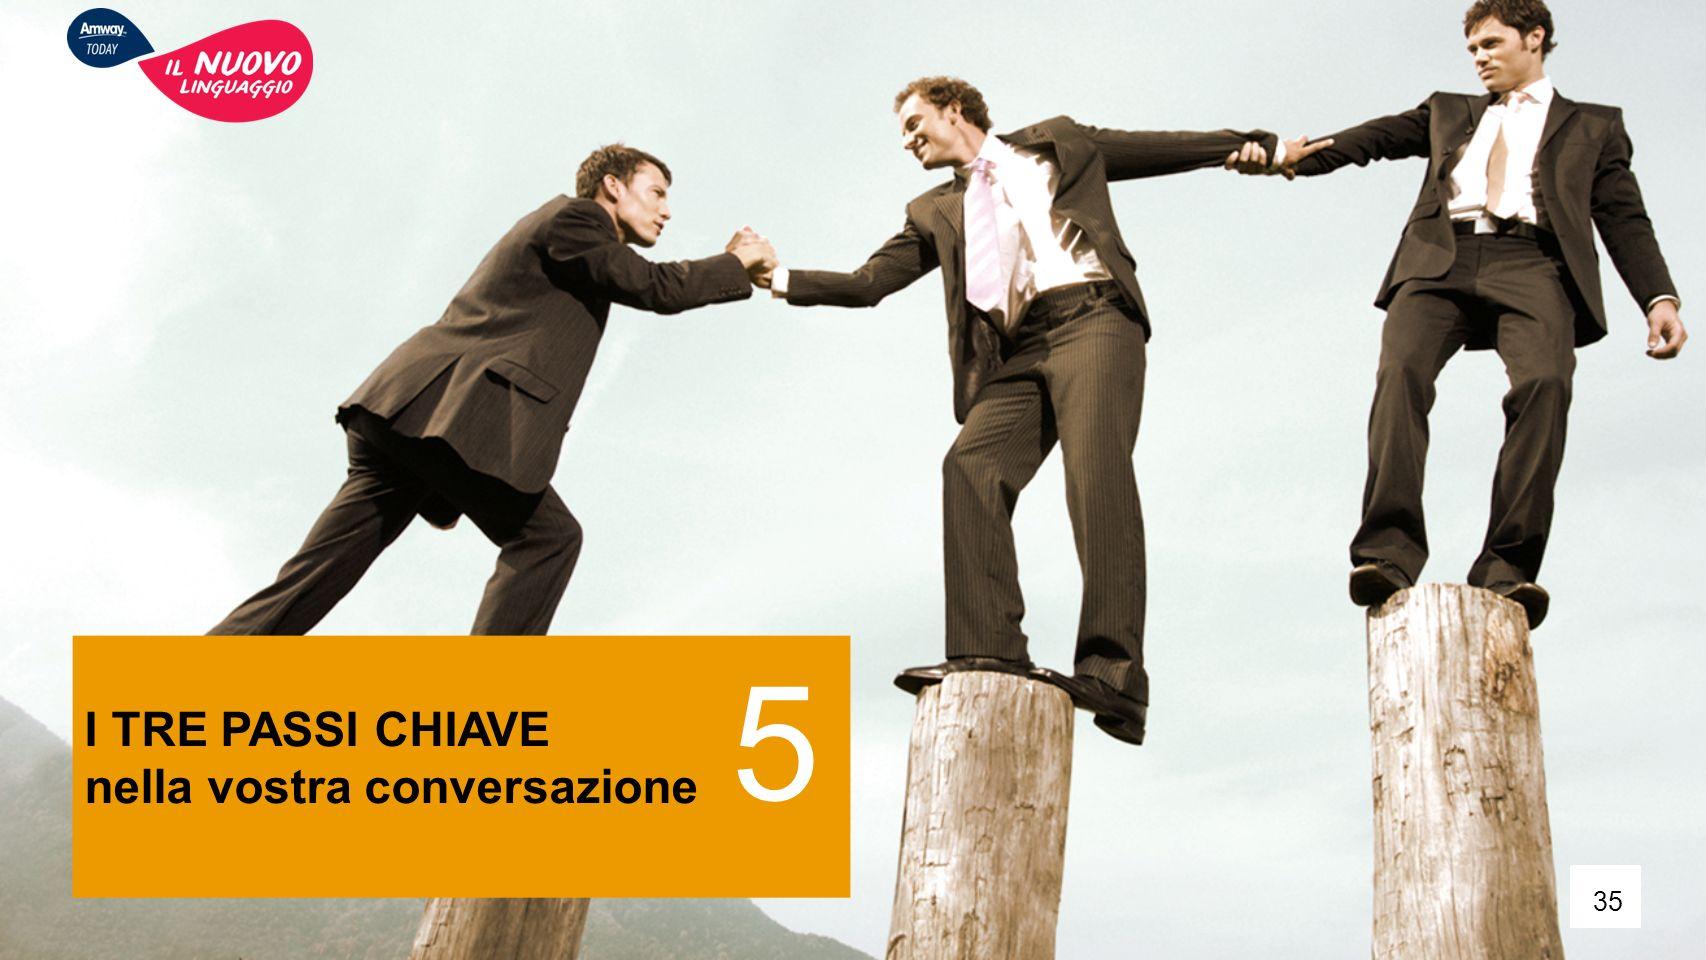 5 I TRE PASSI CHIAVE nella vostra conversazione 35